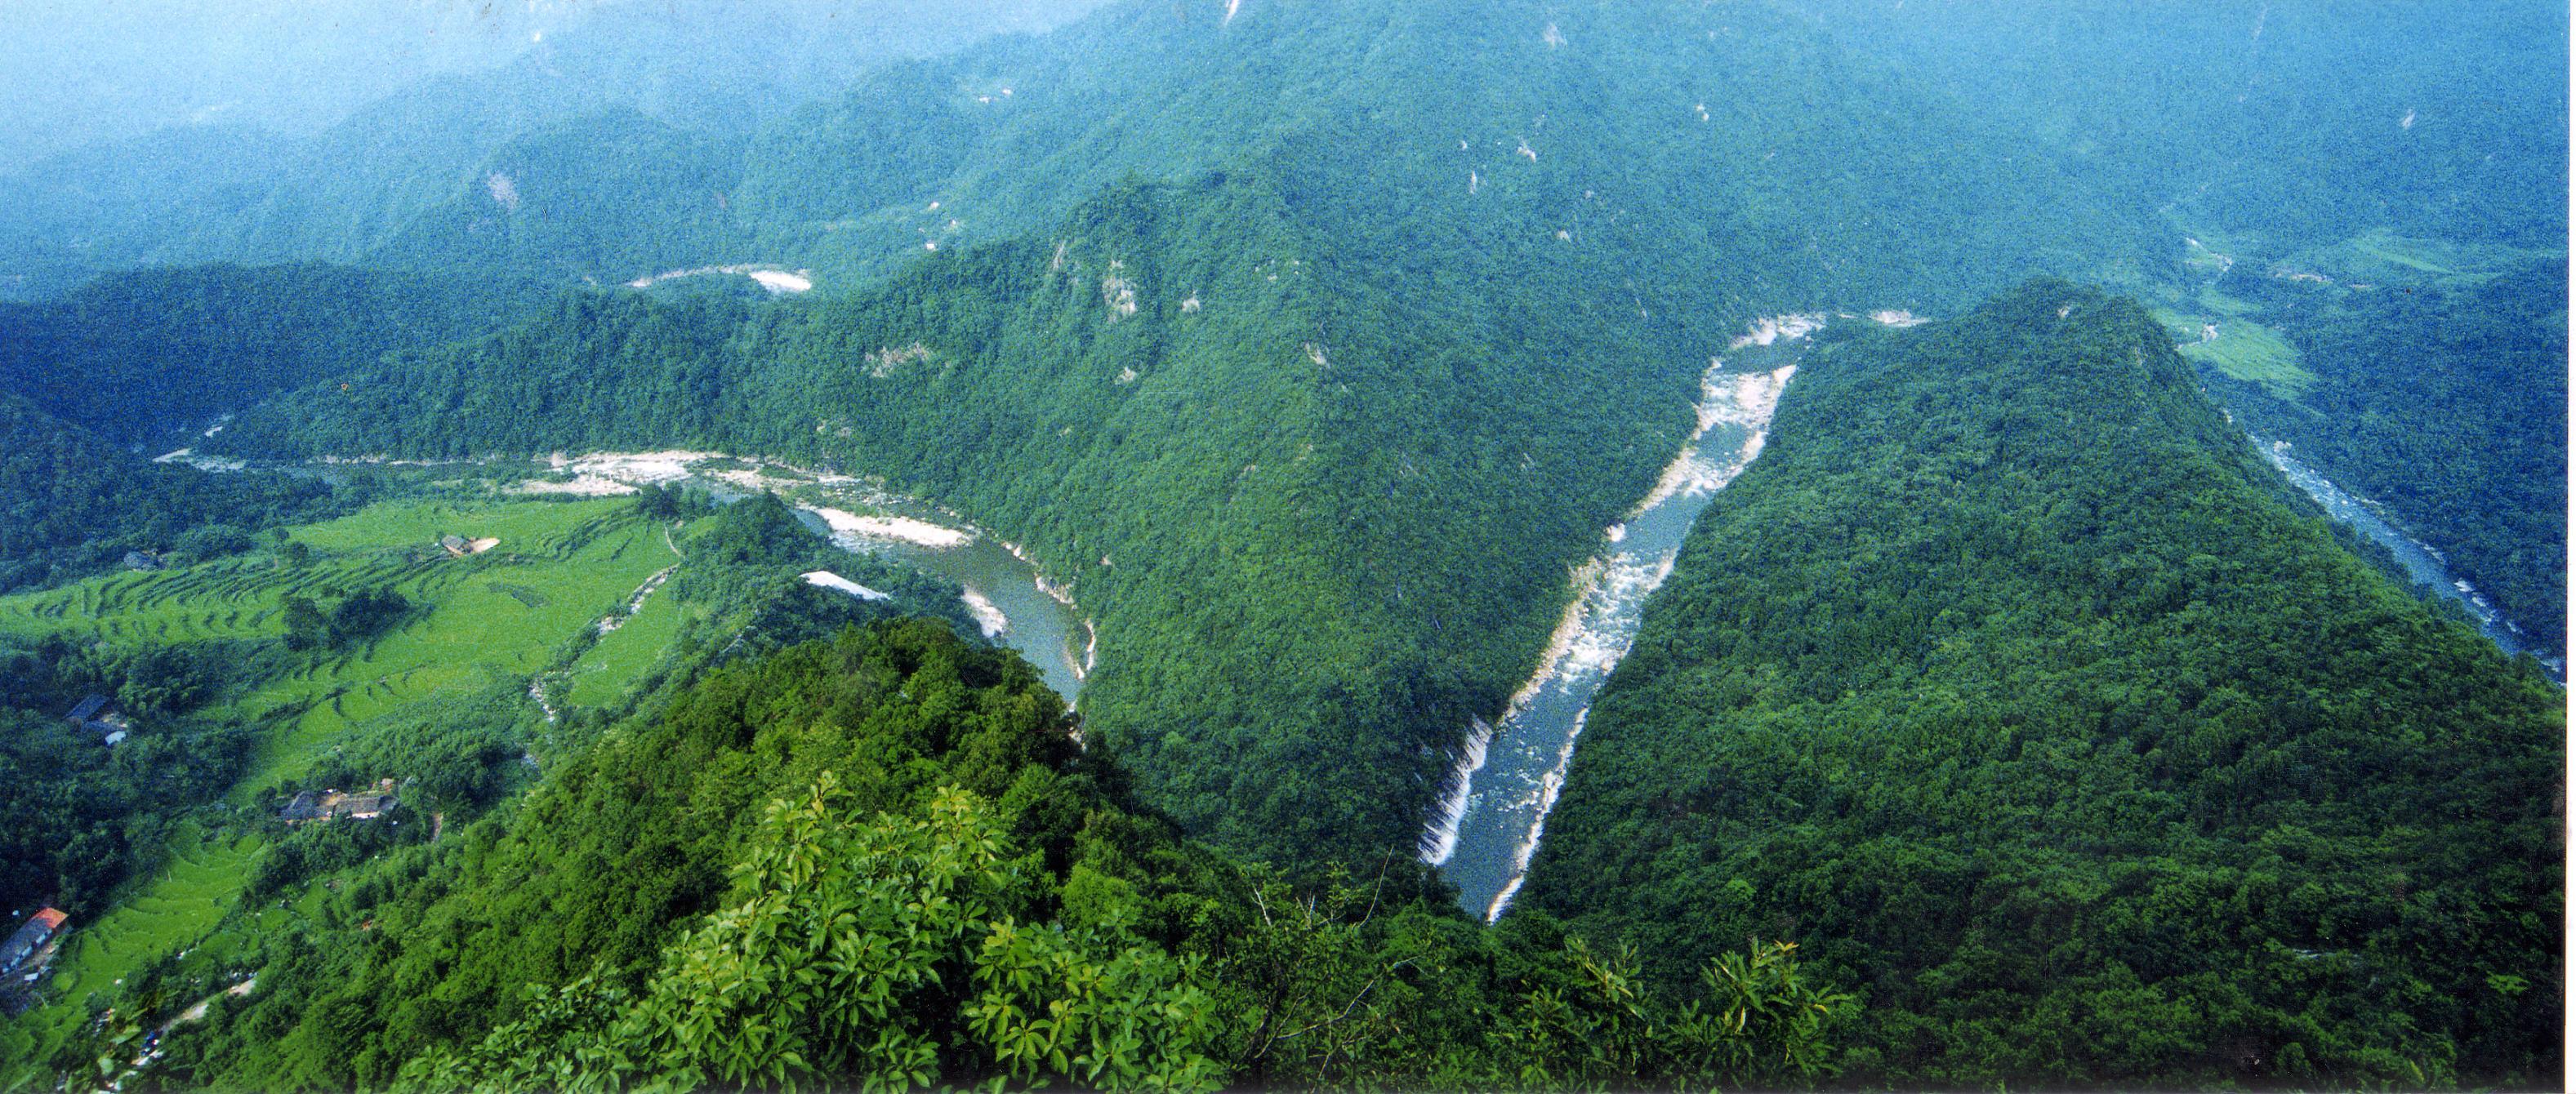 简介:夏霖风景区,位于安徽省宣城市宁国县东部群山之中,系黄山山脉和